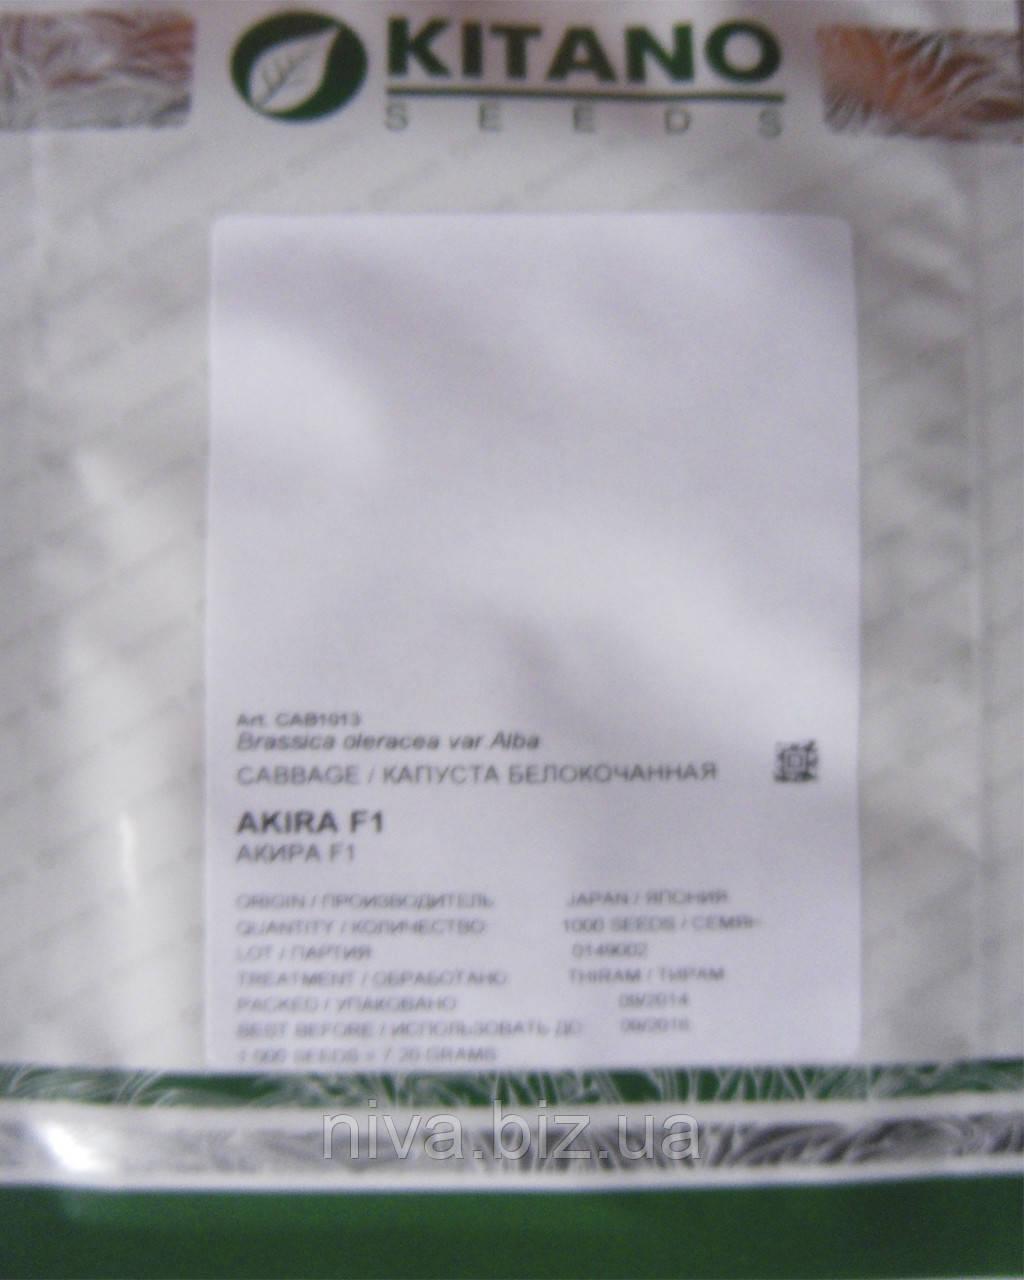 Акіра F1 насіння капусти б/к ультраранньої Kitano Seeds 2 500 насінин